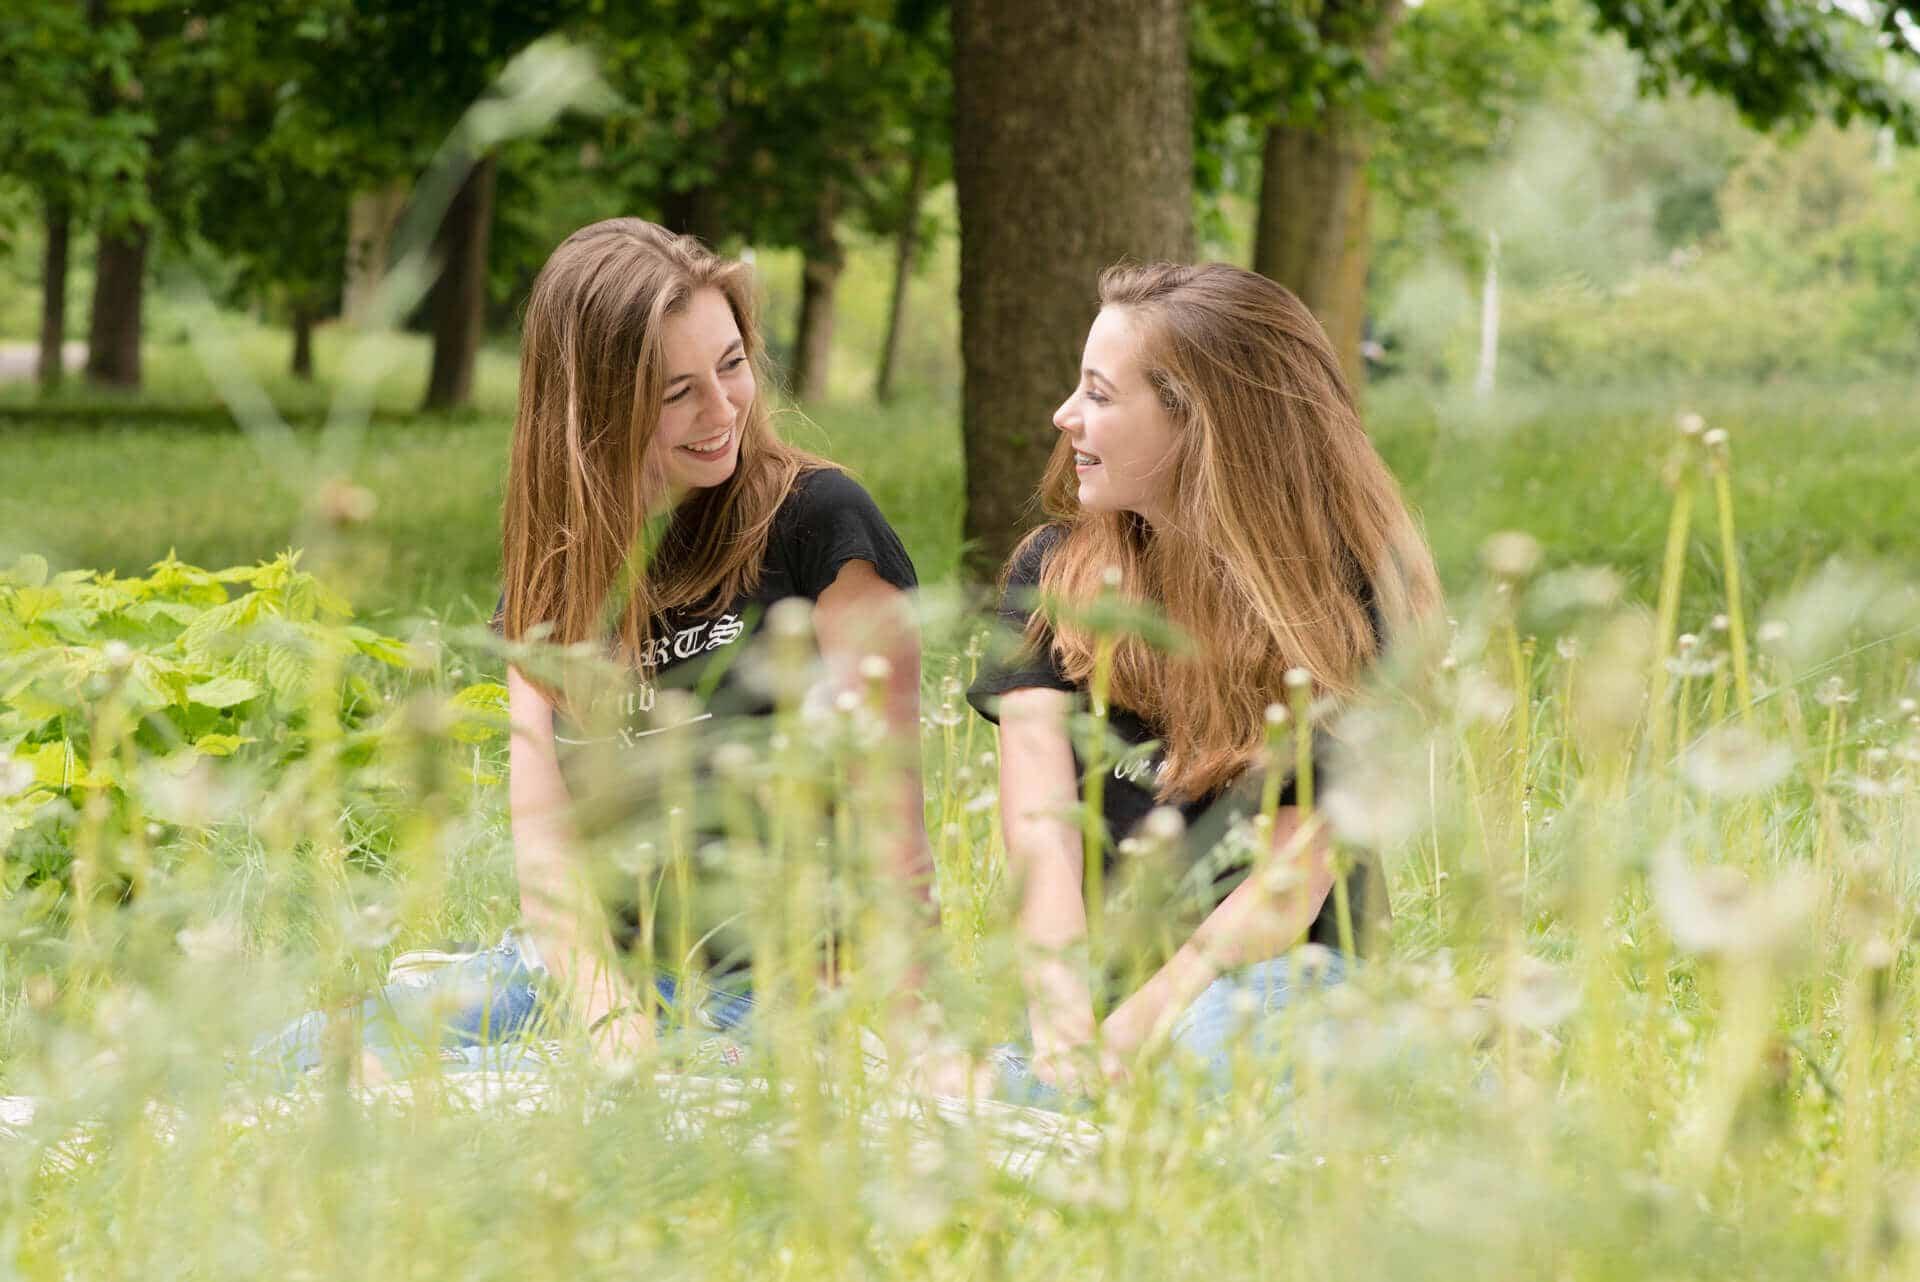 Vriendinnen fotoshoot Zutphen door fotograaf Grietje Mesman